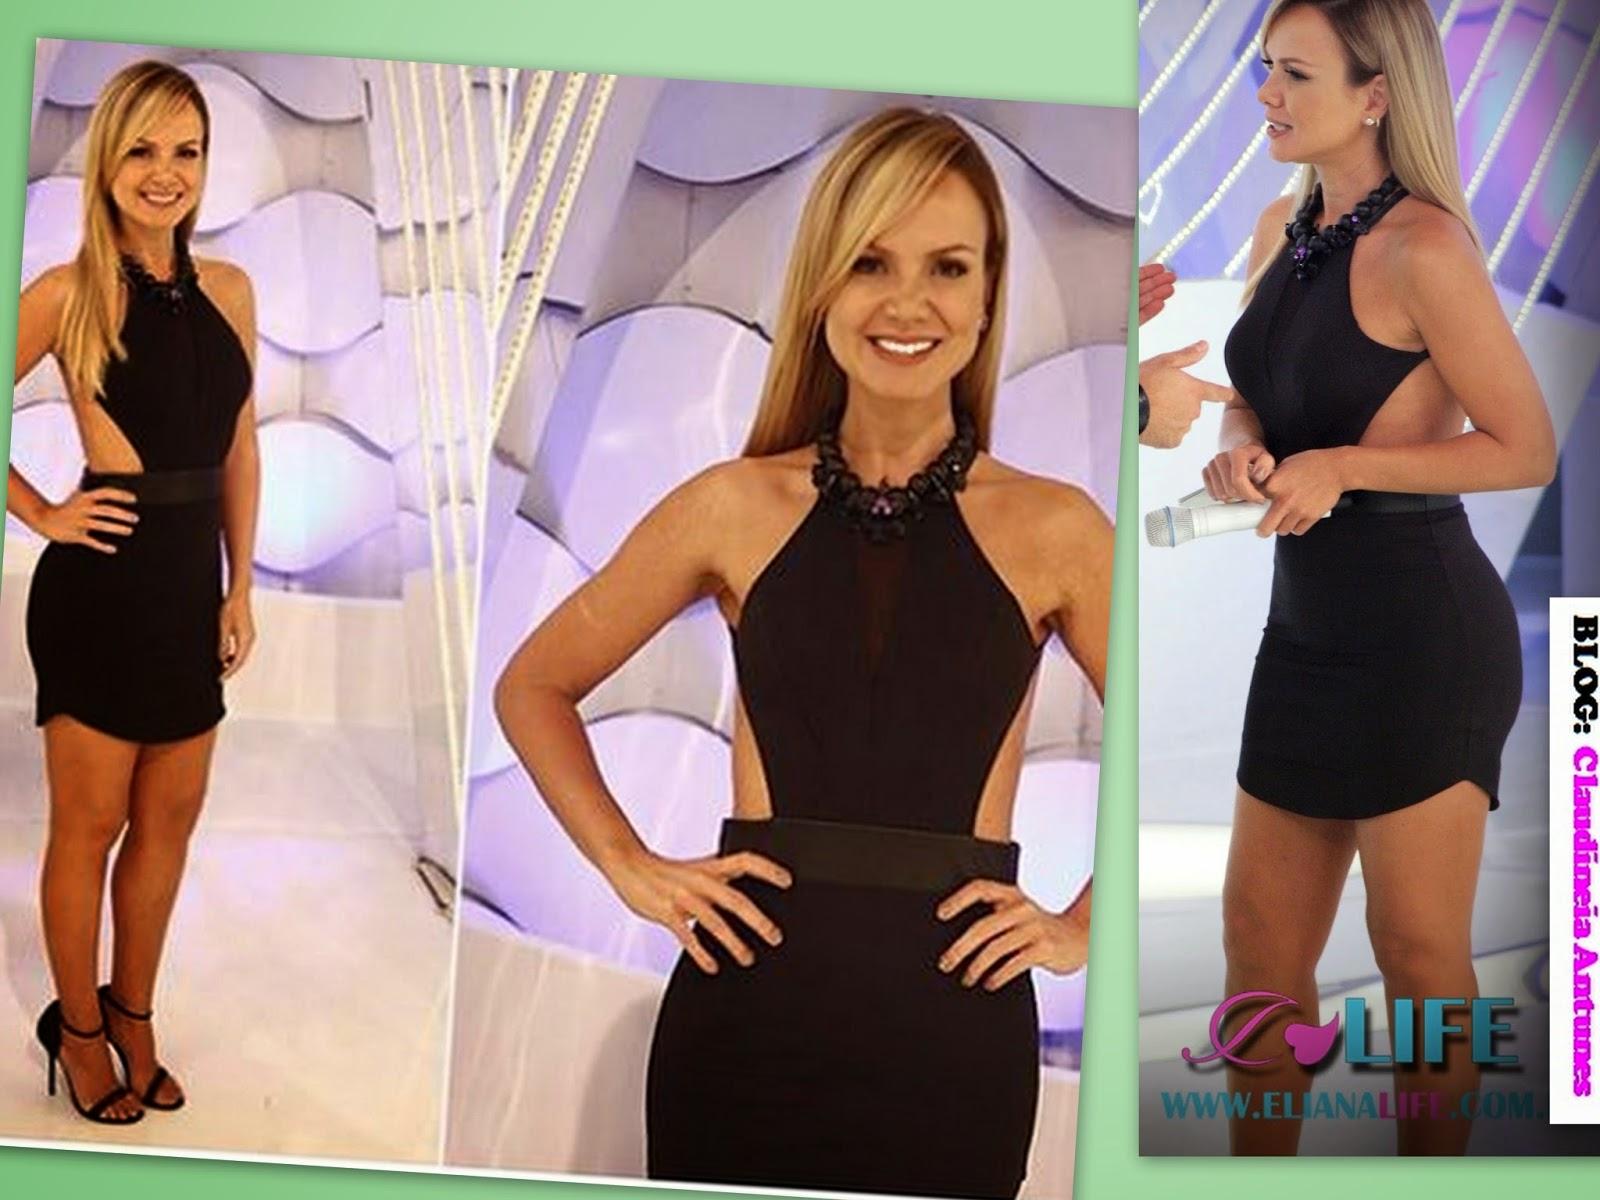 Vestido Eliana 14-09-2014 / Interpretação e Modelagem